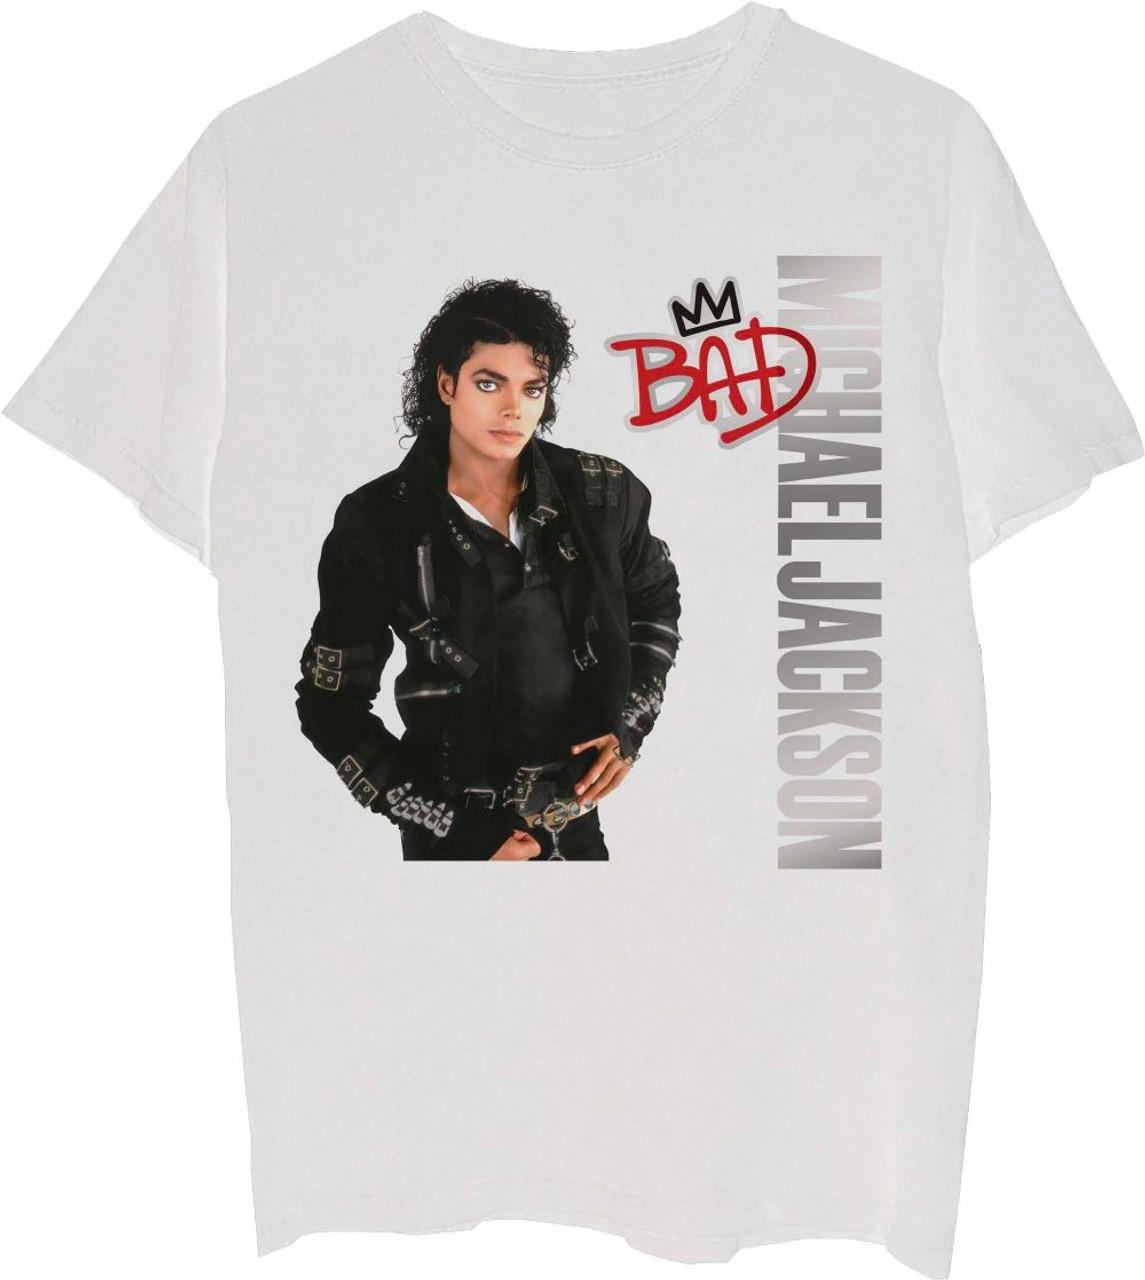 michael jackson t shirt bad album cover artwork men s white